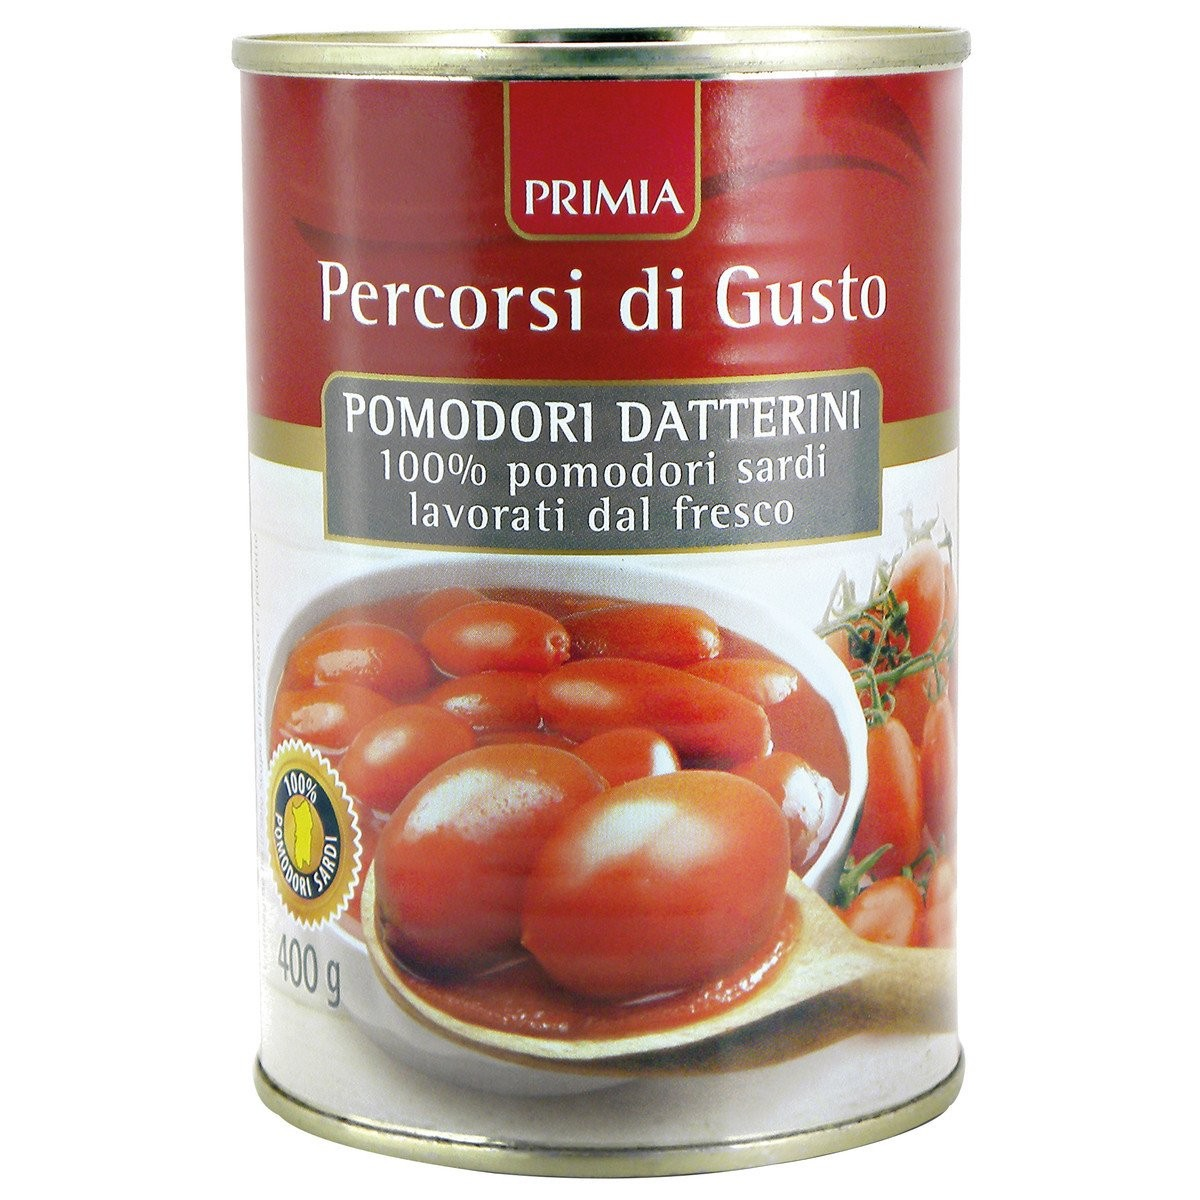 Primia Pomodori Datterini Percorsi di Gusto